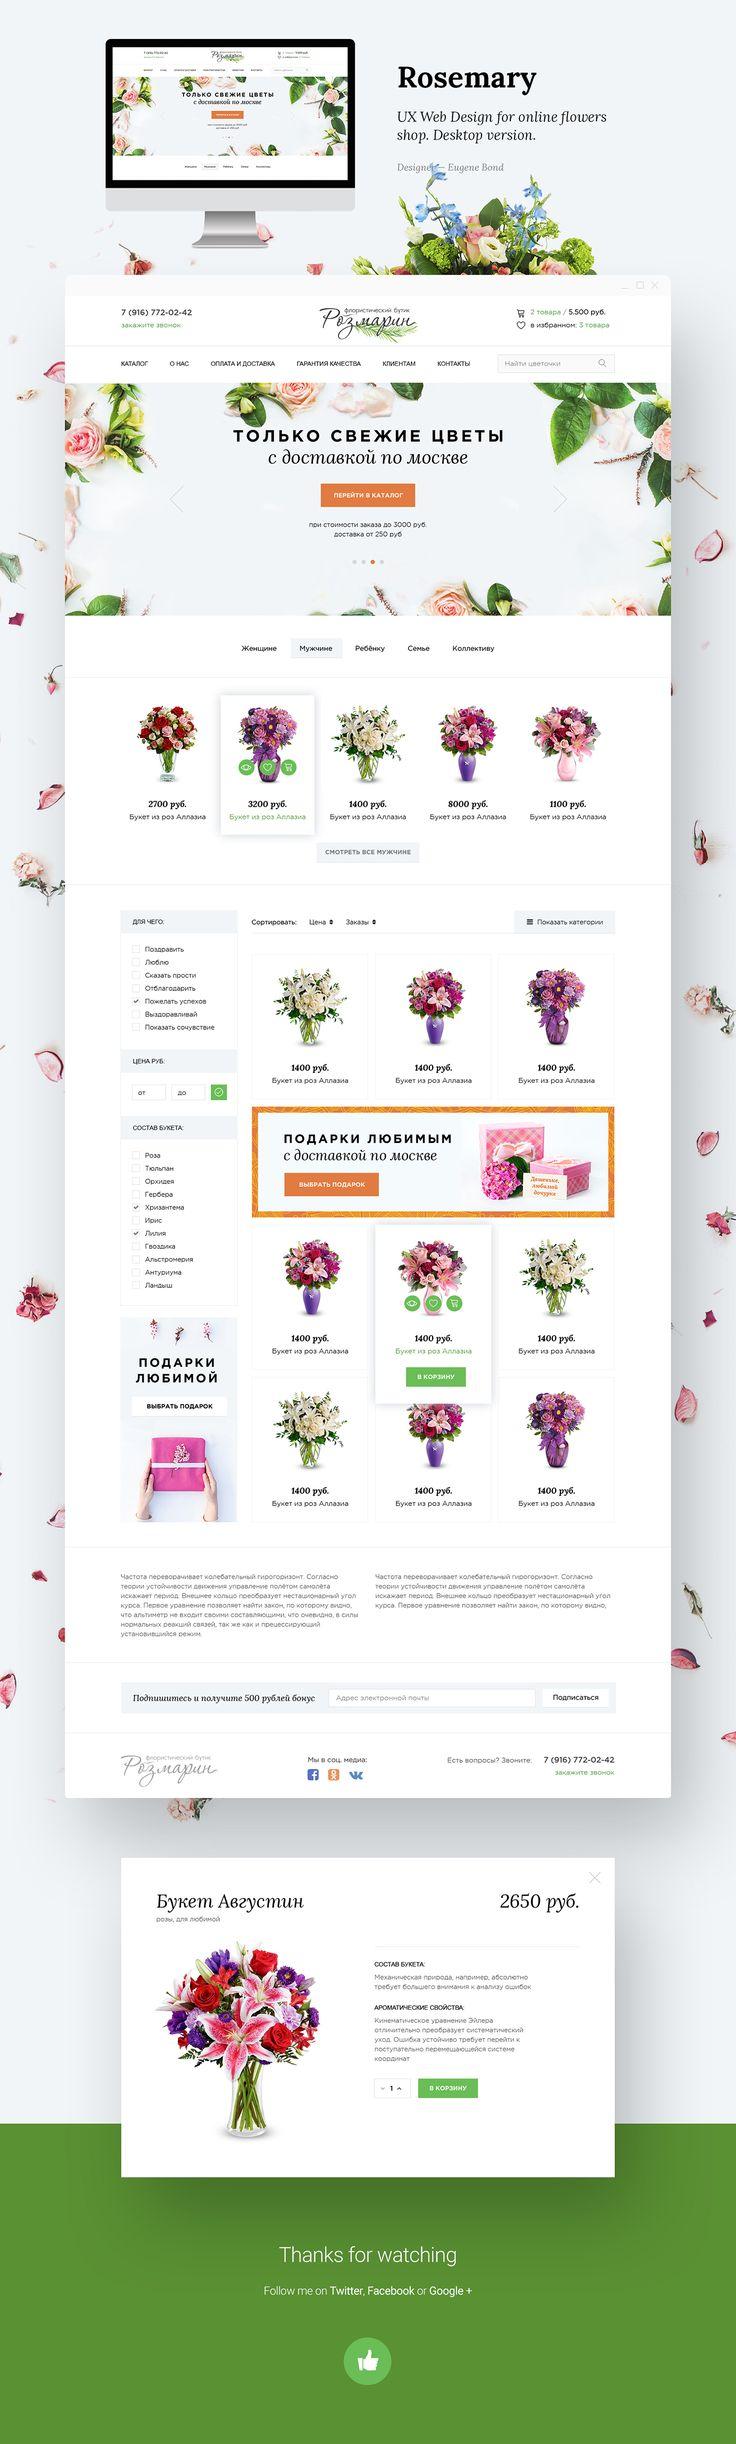 Дизайн сайта цветочного магазина с доставкой по Москве и московской области. Желаете себе классный дизайн? Пишите мне!